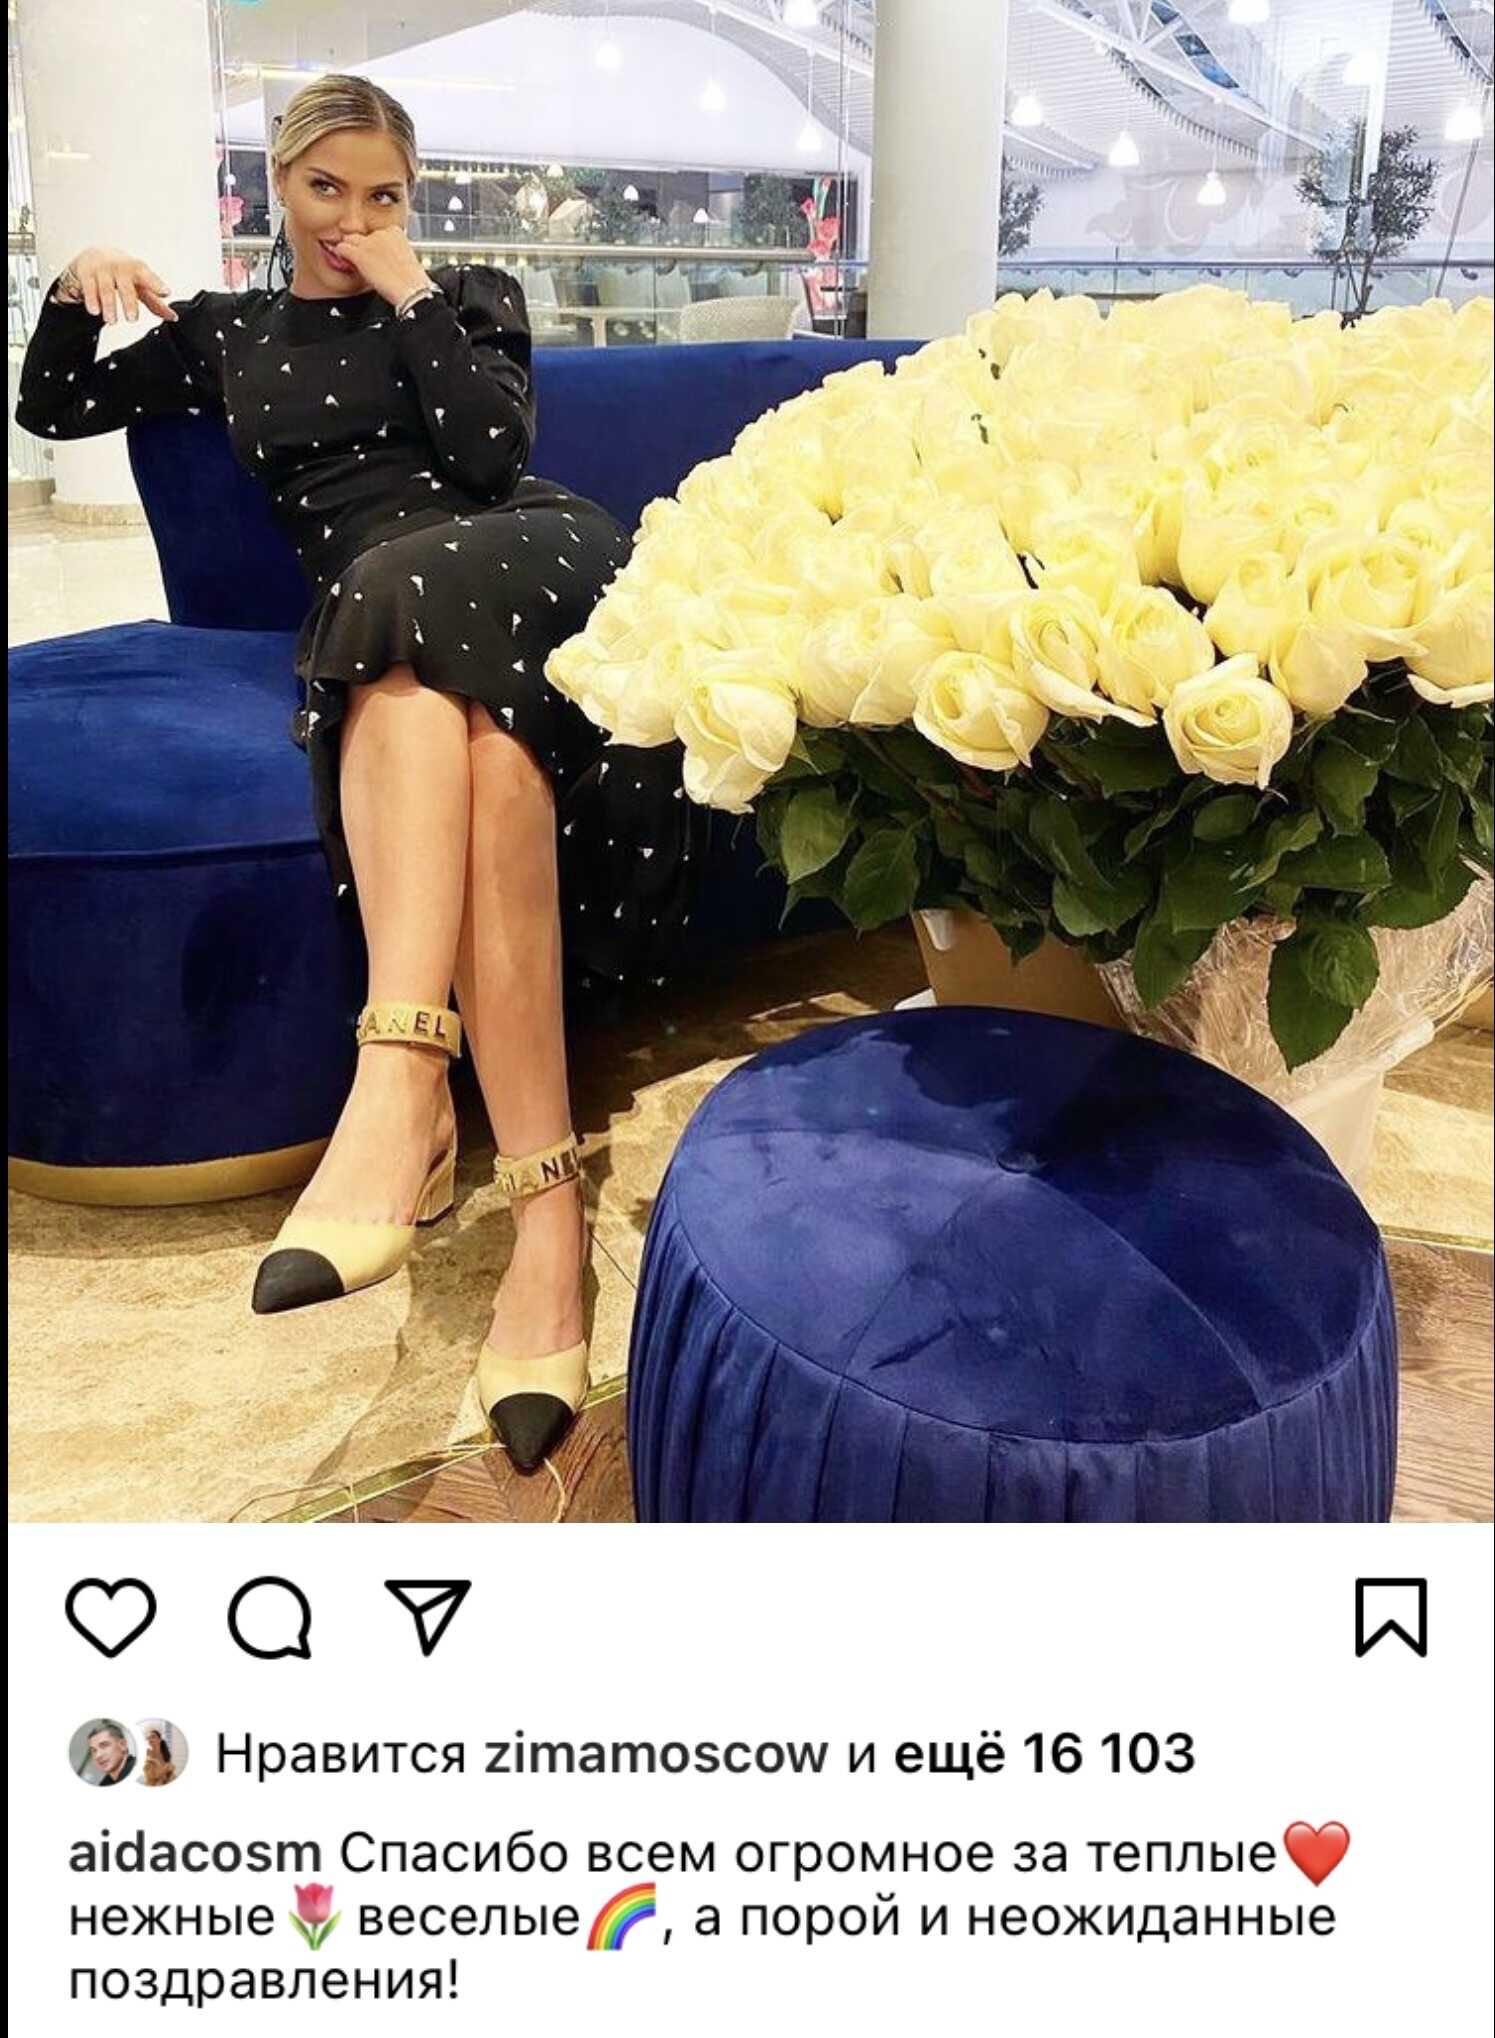 На фоне слухов о разводе, Курбан Омаров задаривает букетами подружку Ксении Бородиной